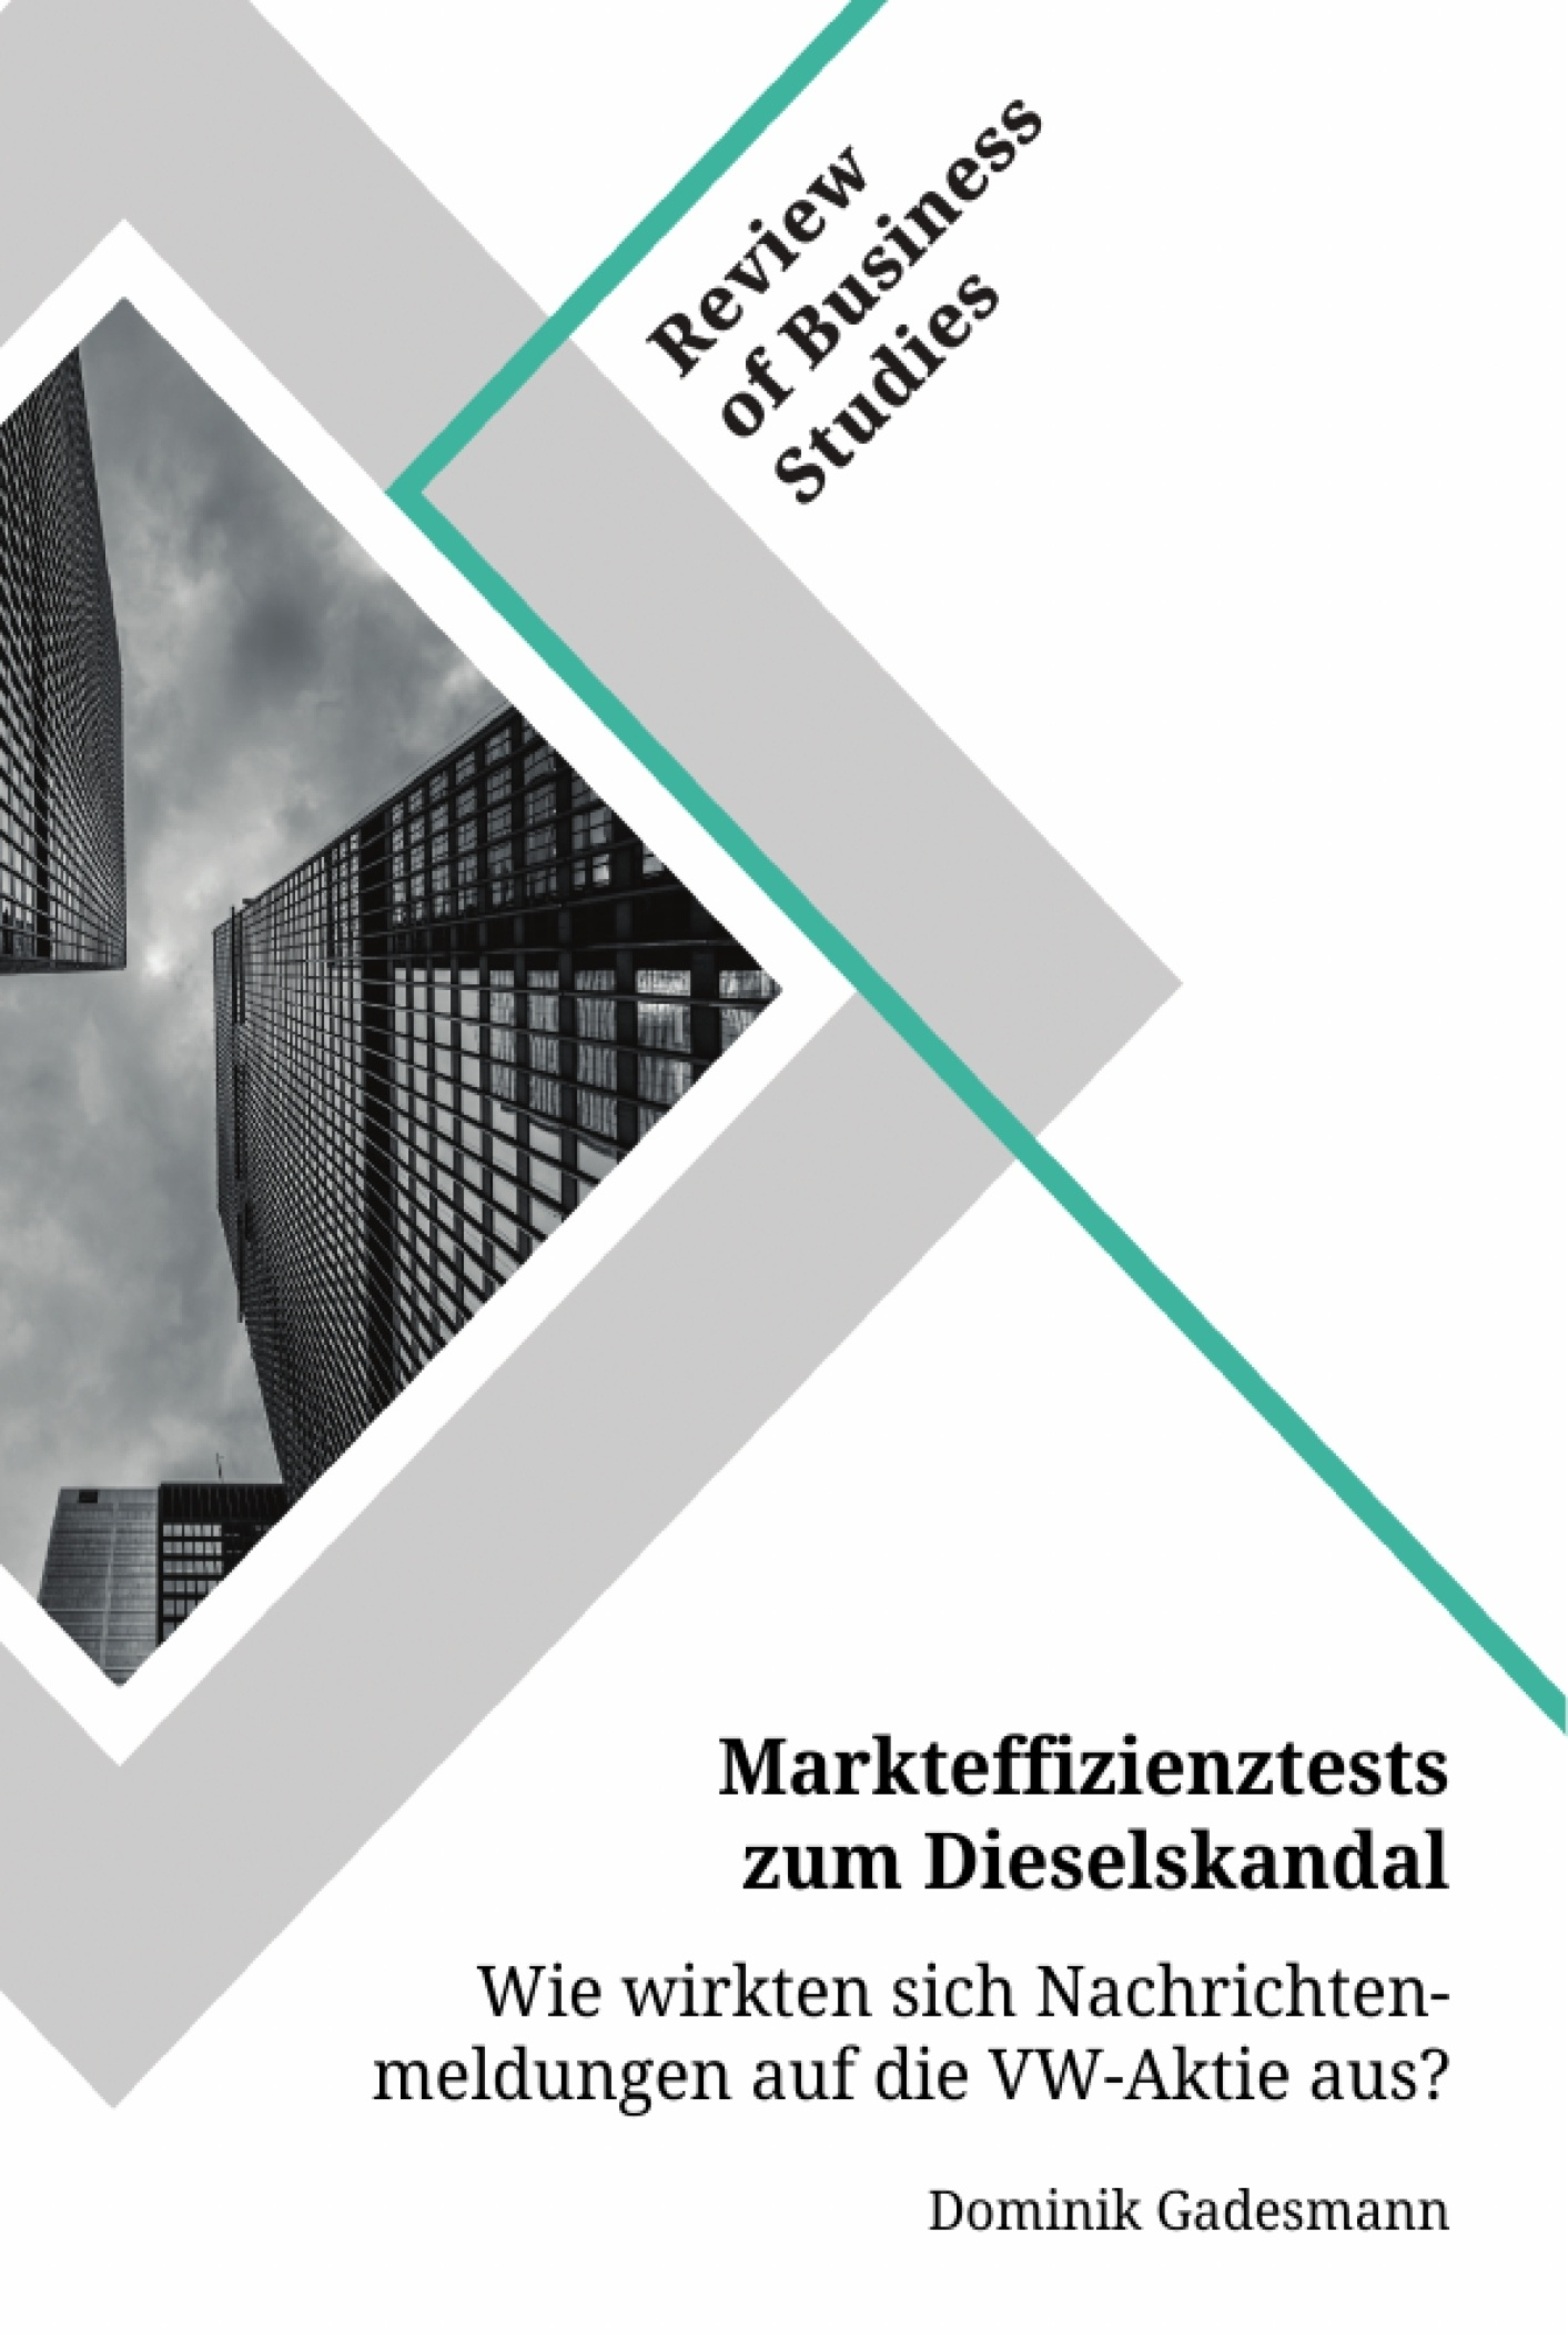 Titel: Markteffizienztests zum Dieselskandal. Wie wirkten sich Nachrichtenmeldungen auf die VW-Aktie aus?